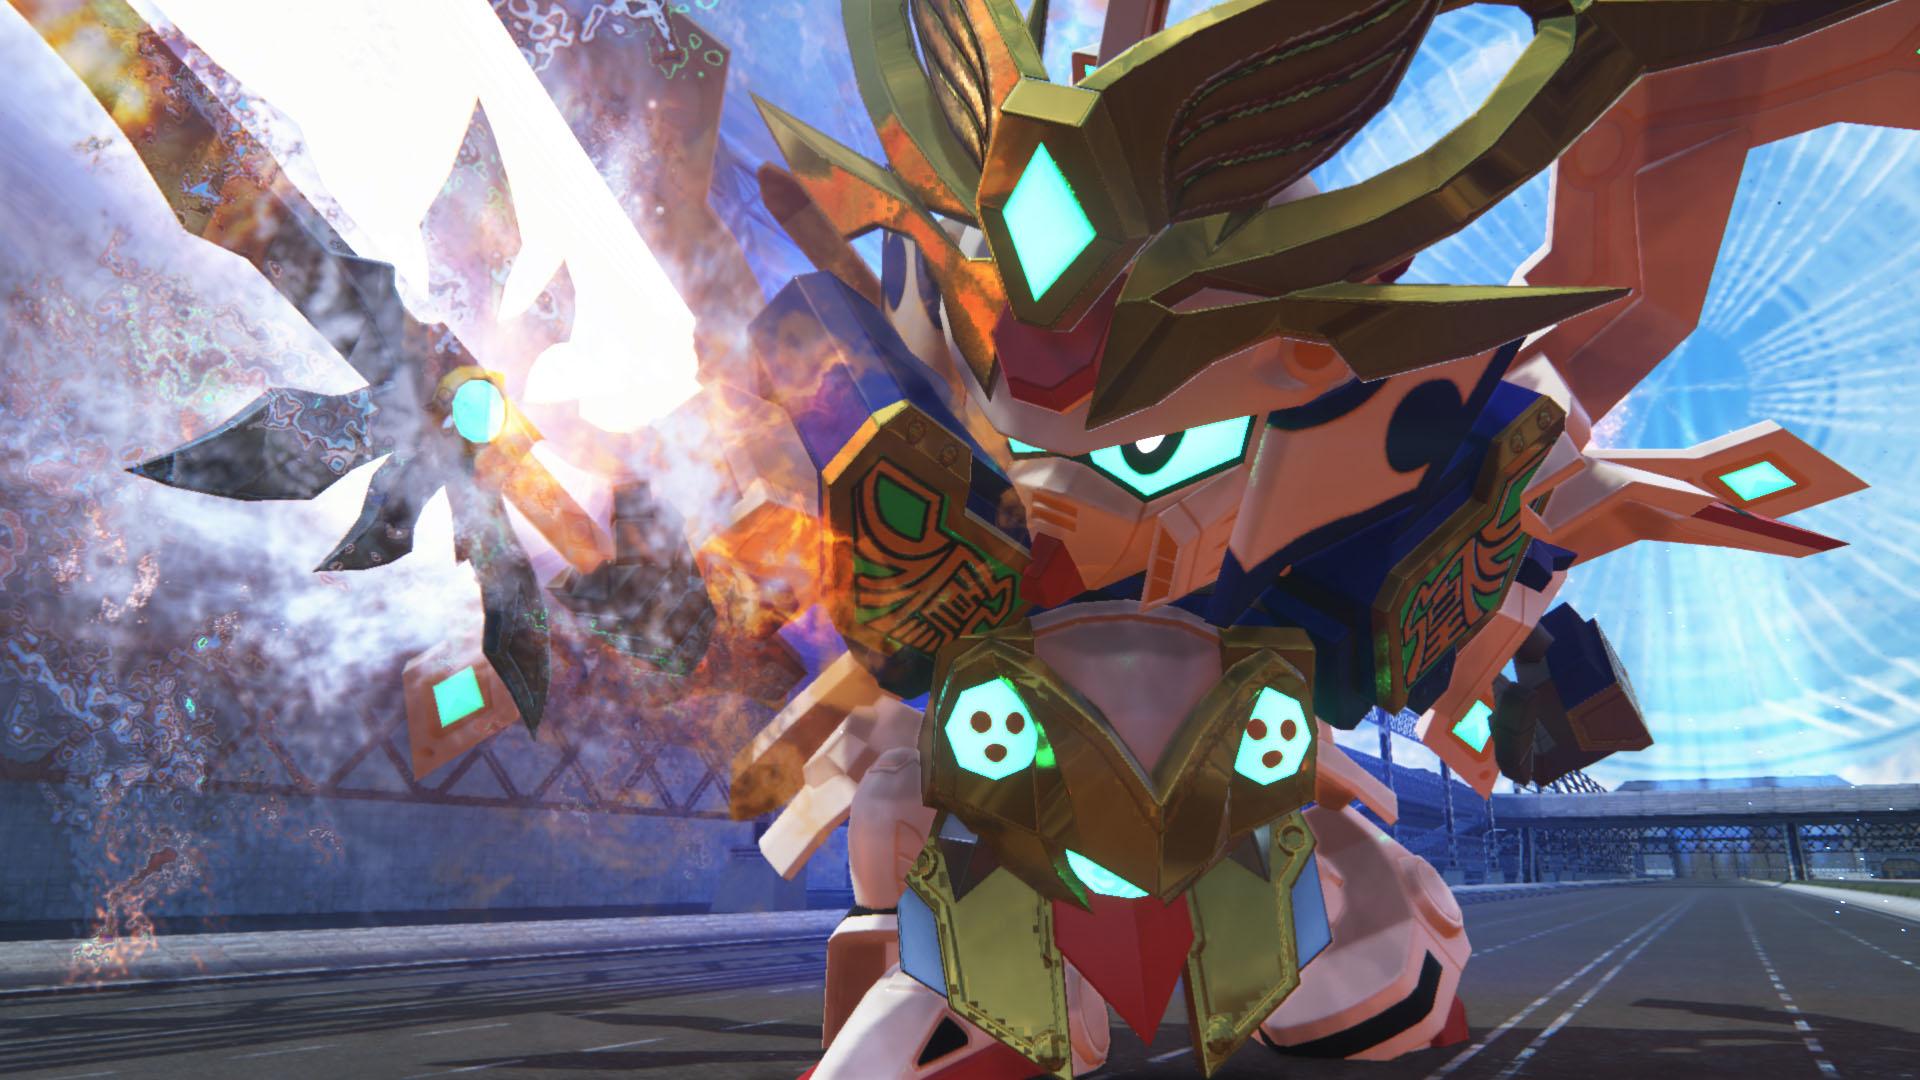 胸に輝く「炎水の玉」が特徴的な爆熱の武者。奥義「熱火爆輪斬」を放つ際には「スーパーモード 爆熱の陣」形態になる